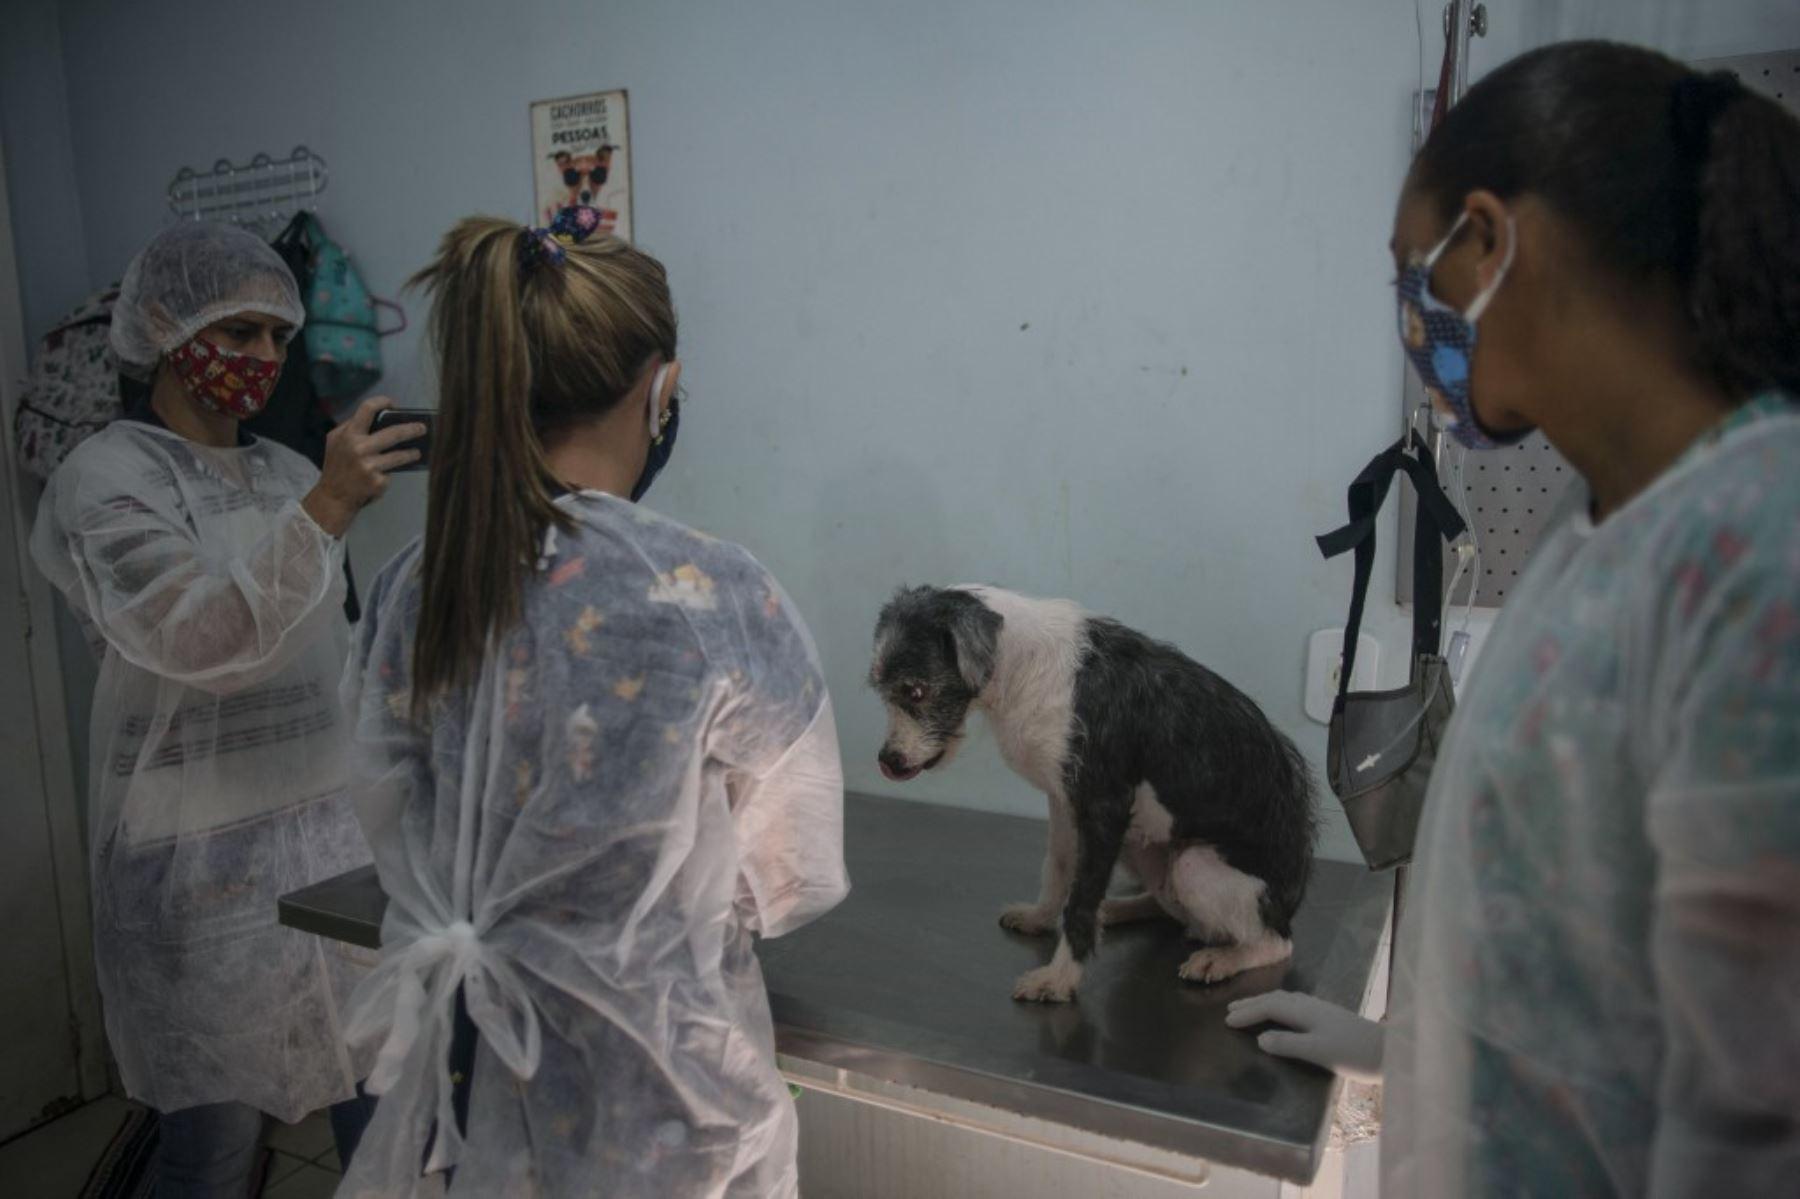 Los veterinarios toman una foto mientras revisan a un perro antes de llevarlo a su nuevo hogar en el Refugio Público de Animales del barrio de Guaratiba, en Río de Janeiro, Brasil. Foto: AFP